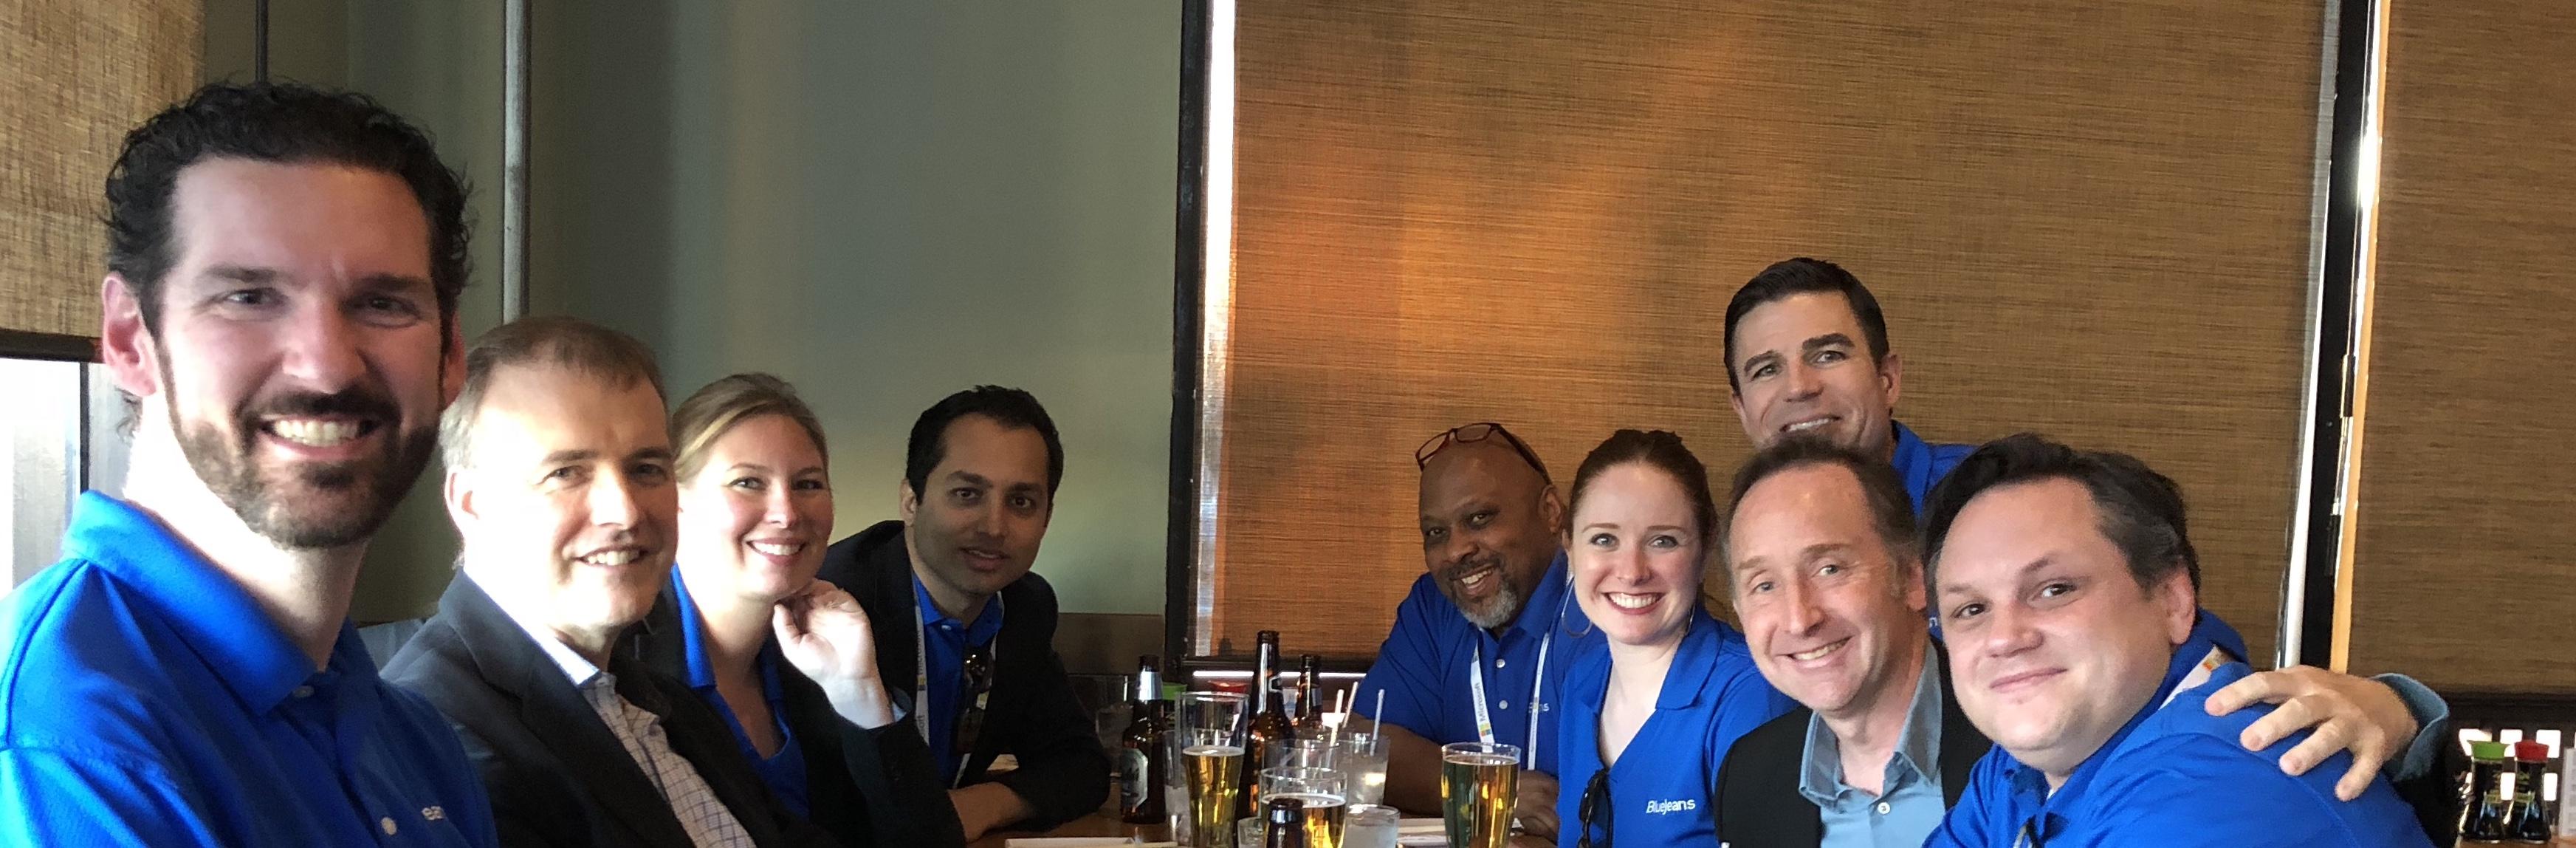 BlueJeans Team at Enterprise Connect